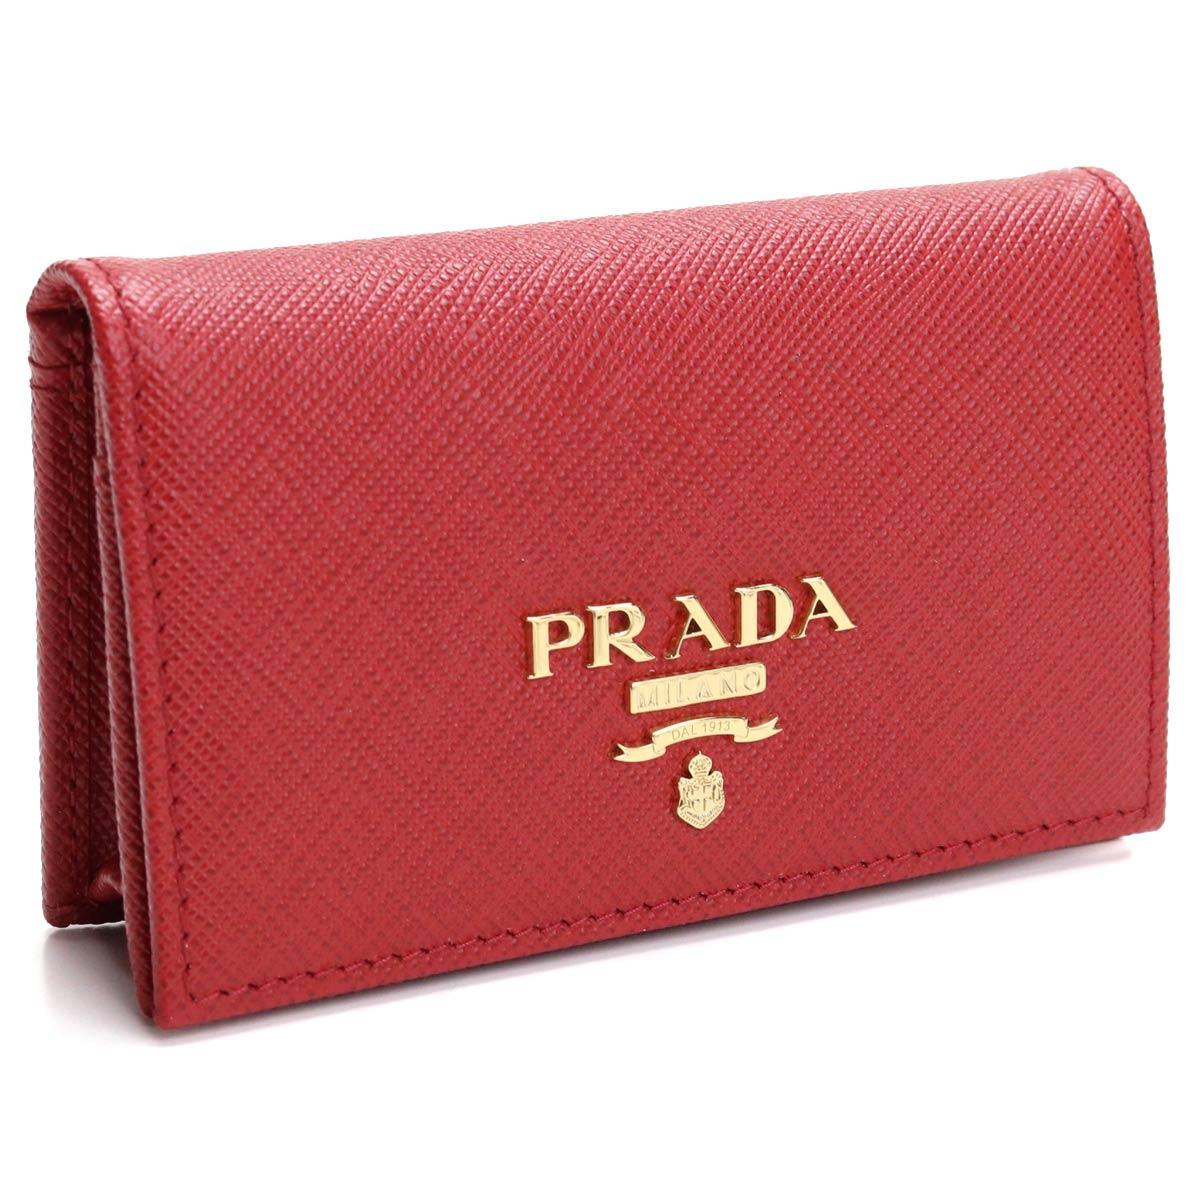 プラダ PRADA サフィアーノ 名刺入れ カードケース 1MC122 QWA F068Z FUOCO レッド系 レディース